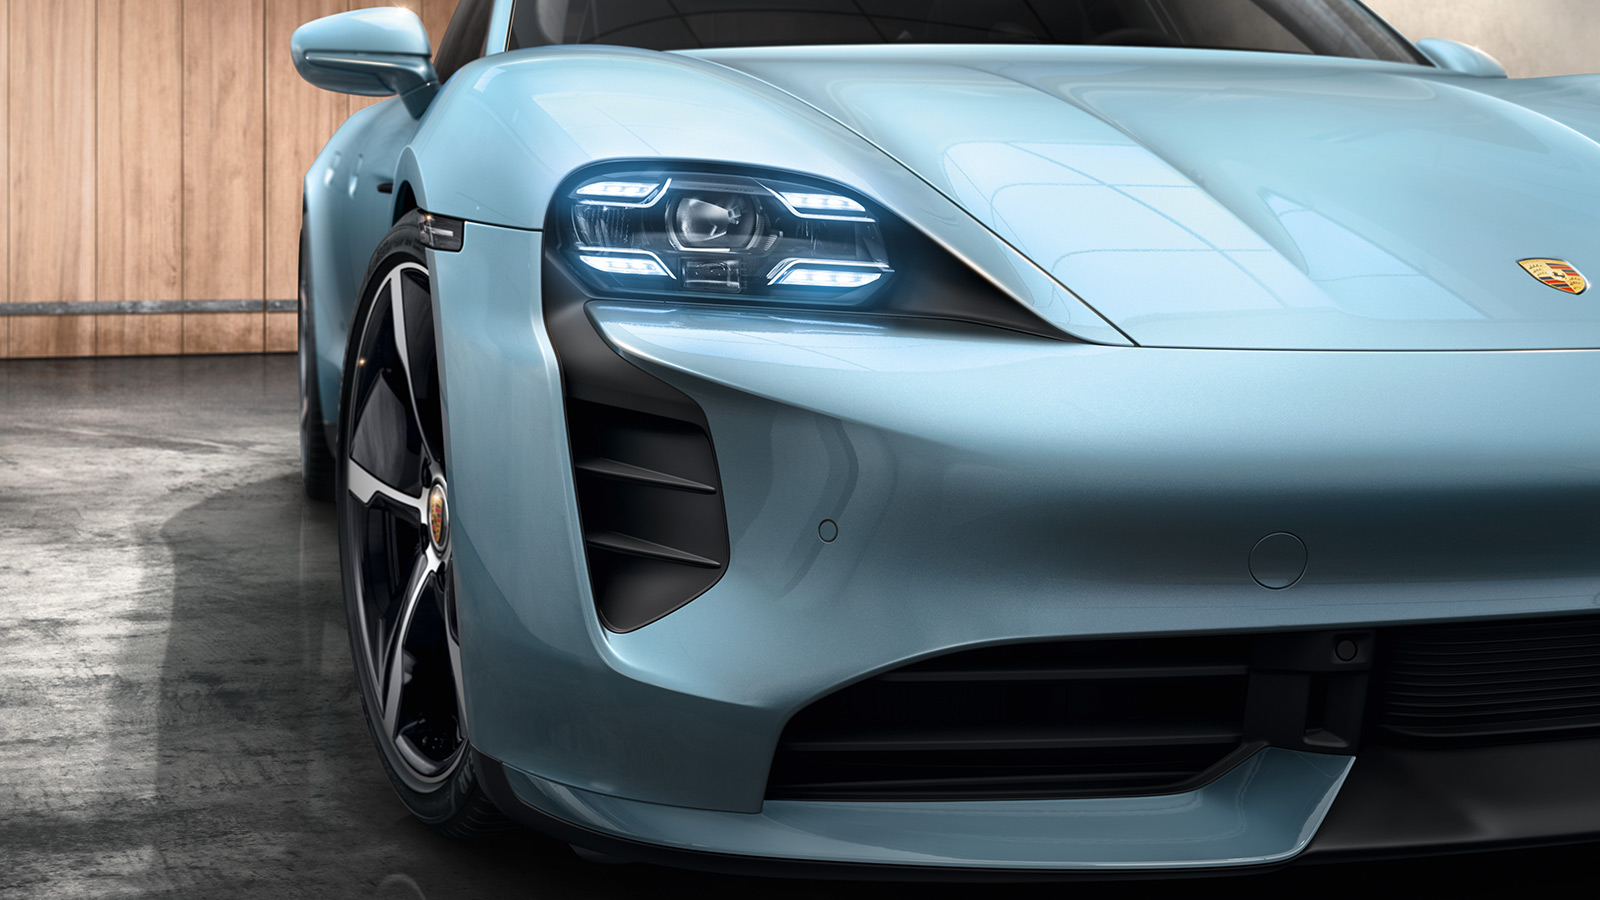 Porsche - Phares principaux et feux arrière